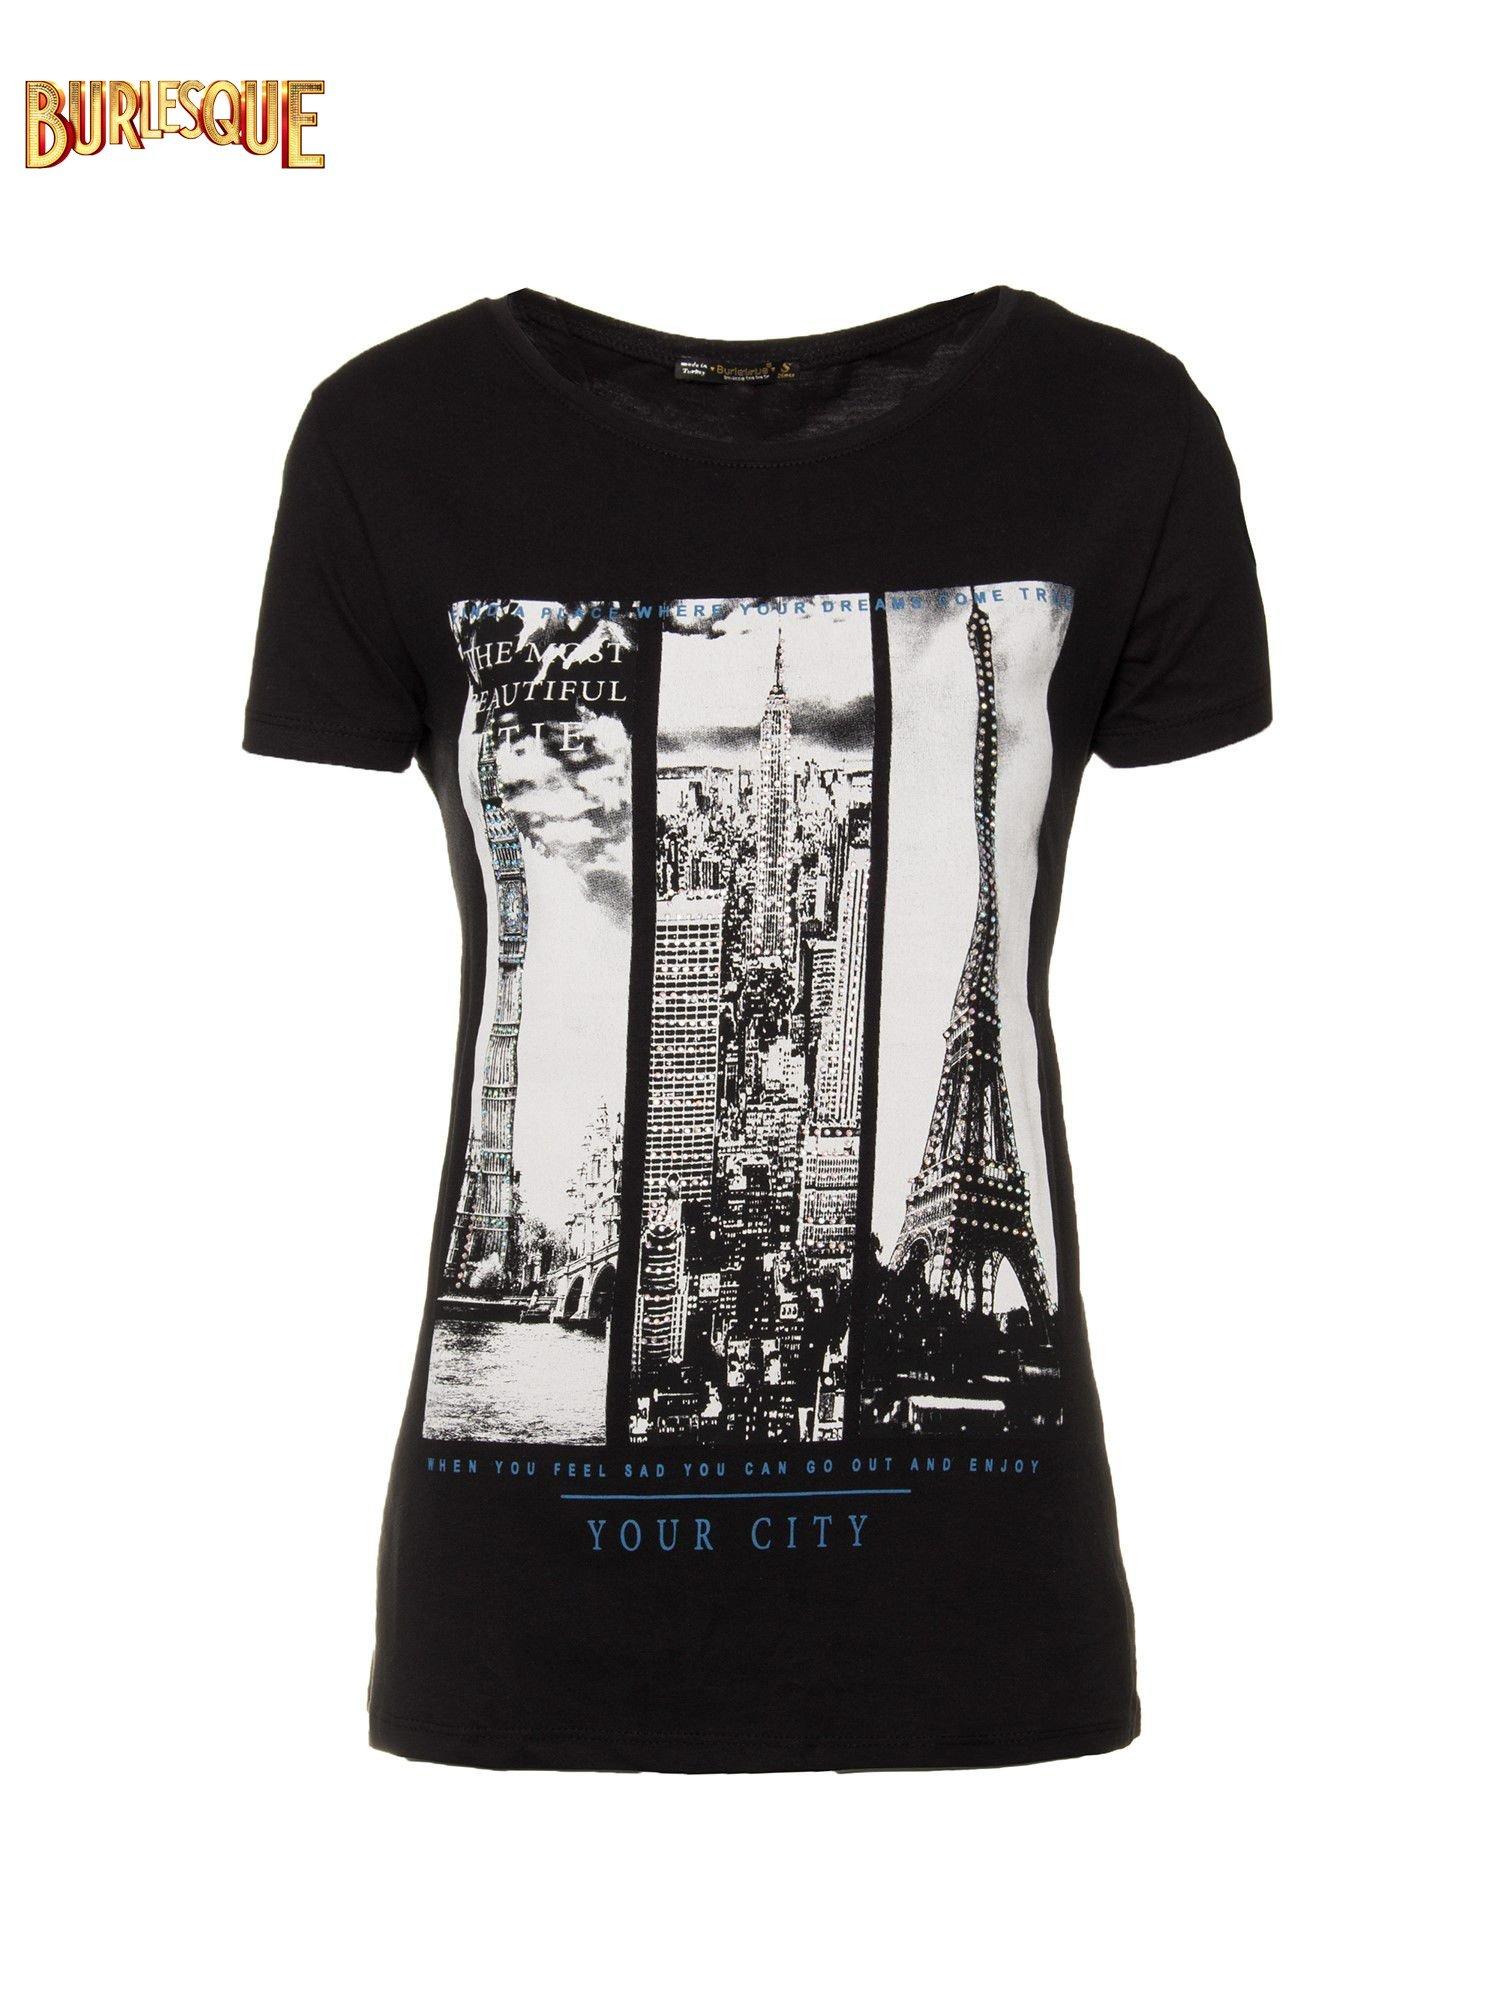 Czarny t-shirt z fotografiami miast                                  zdj.                                  1